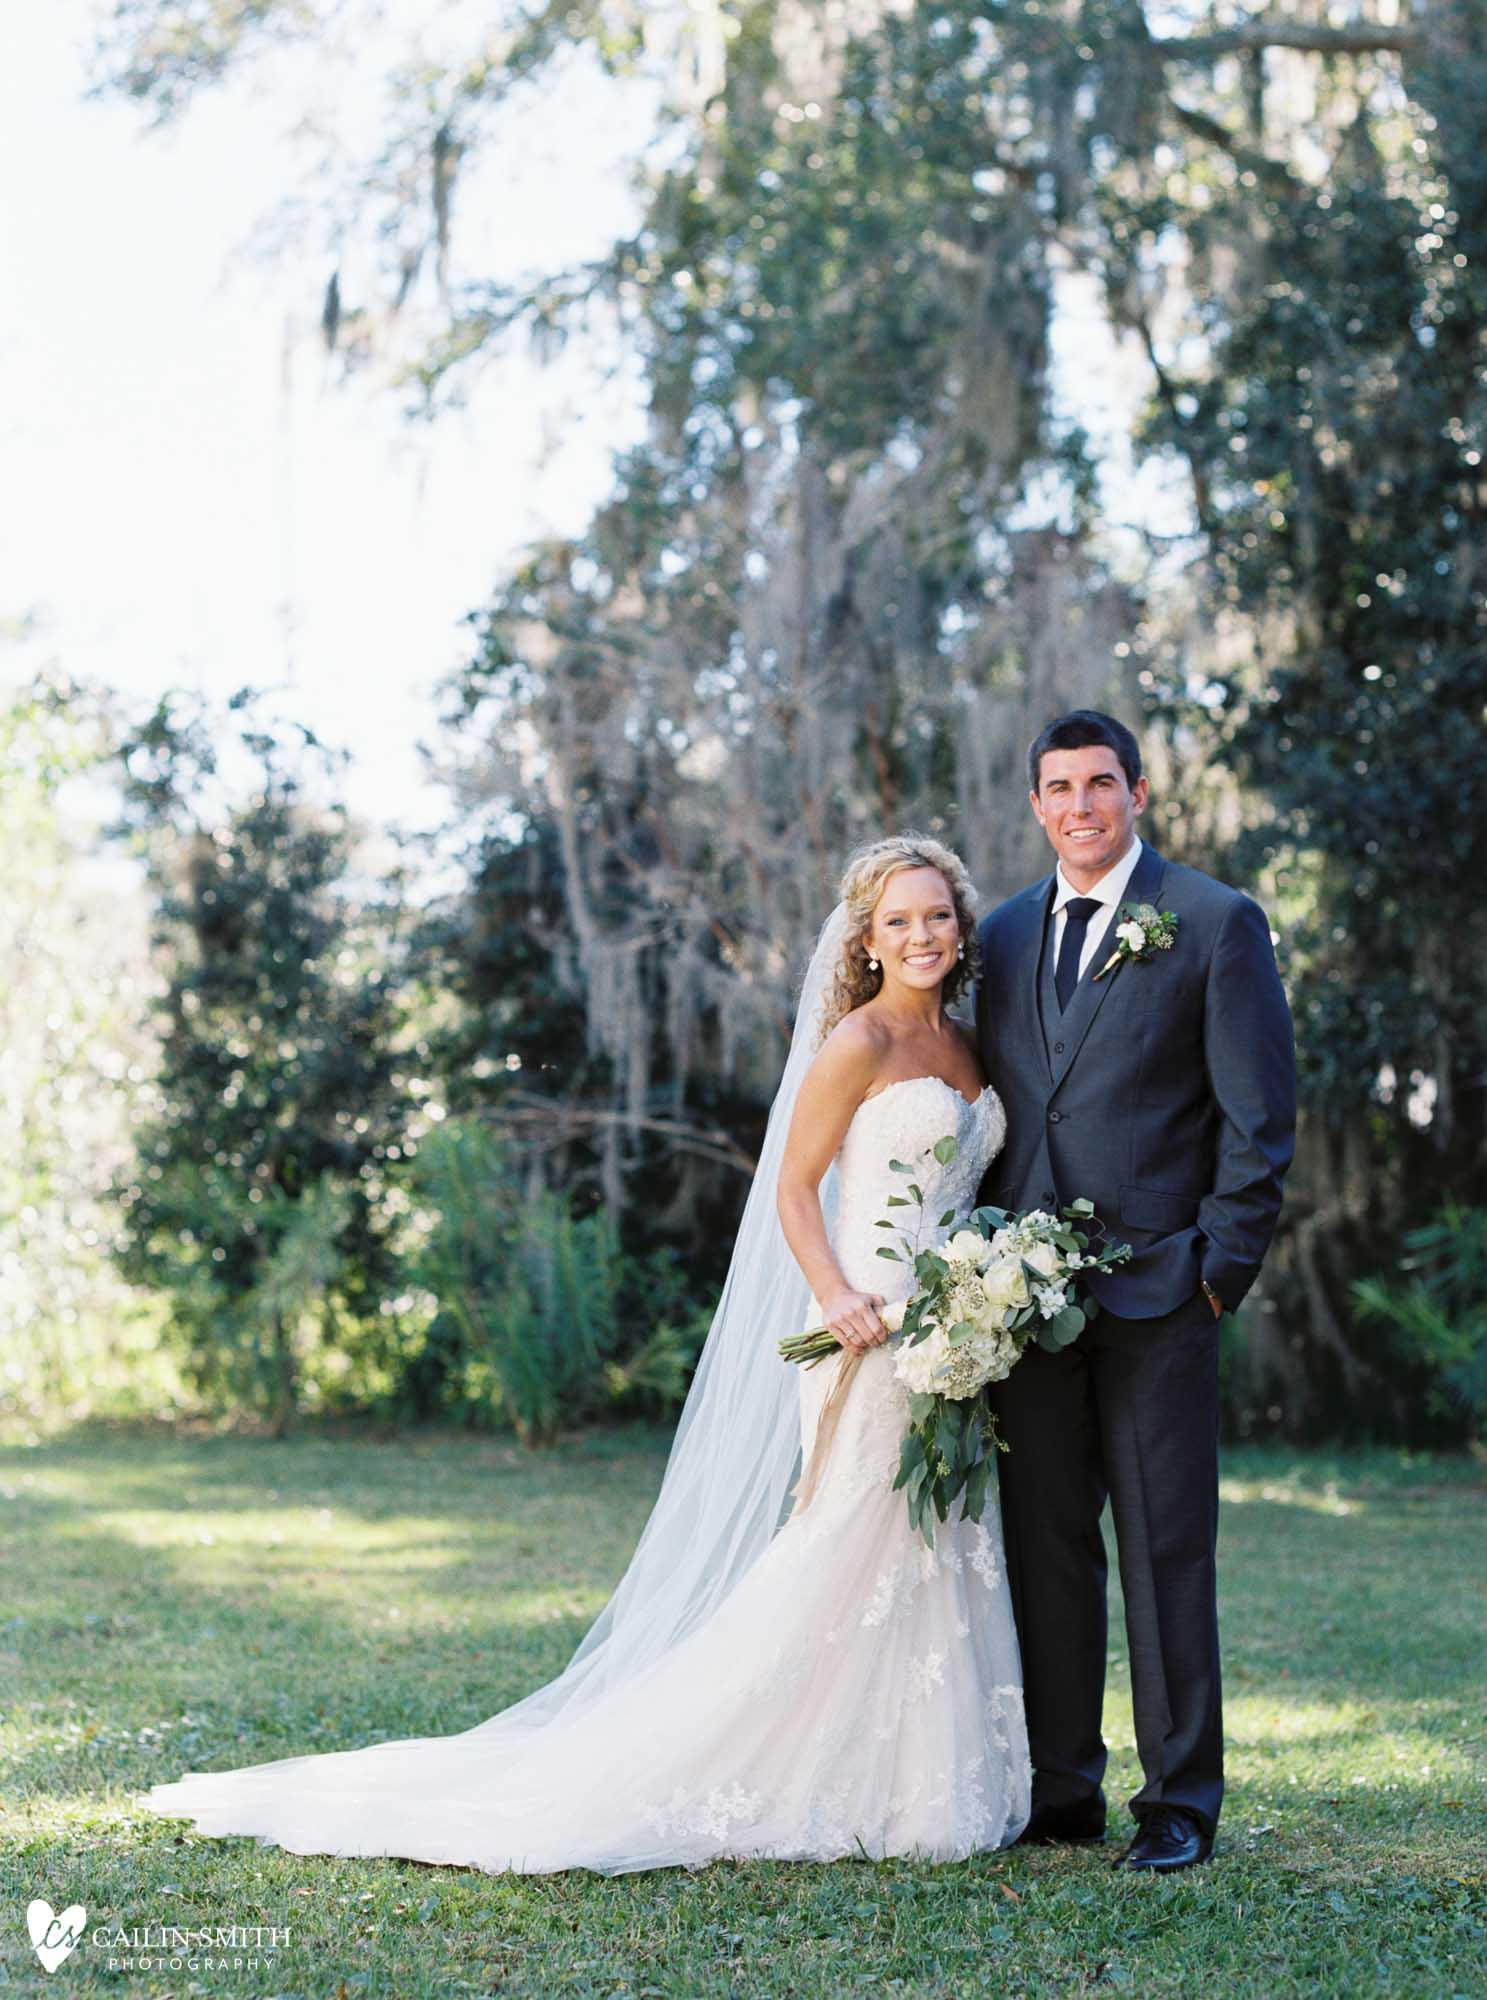 Leah_Major_St_Marys_Wedding_Photography_044.jpg